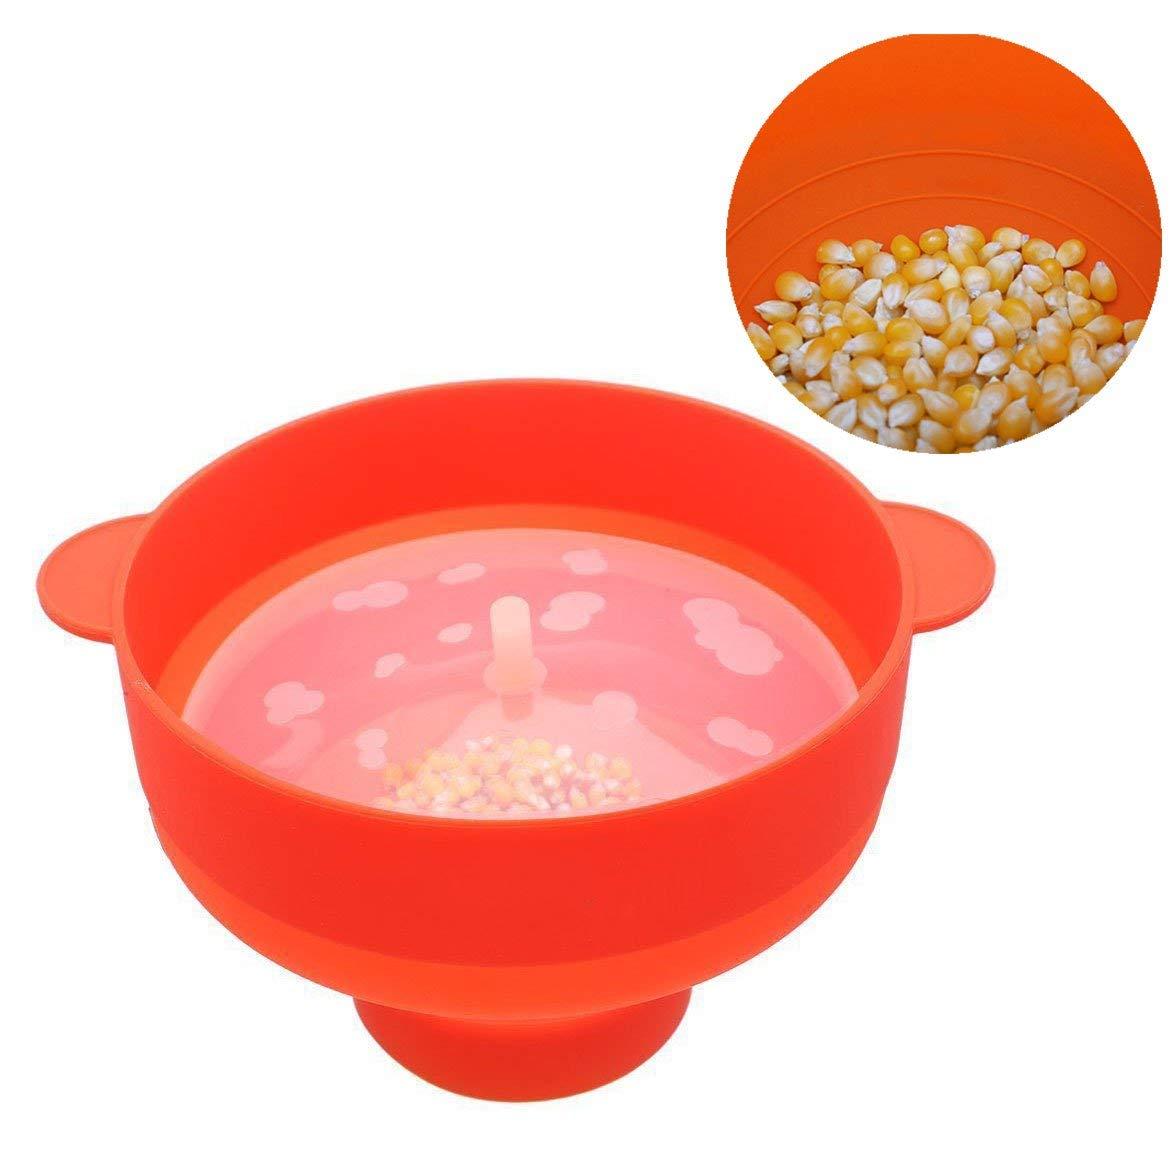 Gearmax® Plegable Bowl con Tapa,Recipiente para cocinar Palomitas en microondas,fácil y Fresco Prepara,con Tapa y Asas cómodas y Resistentes